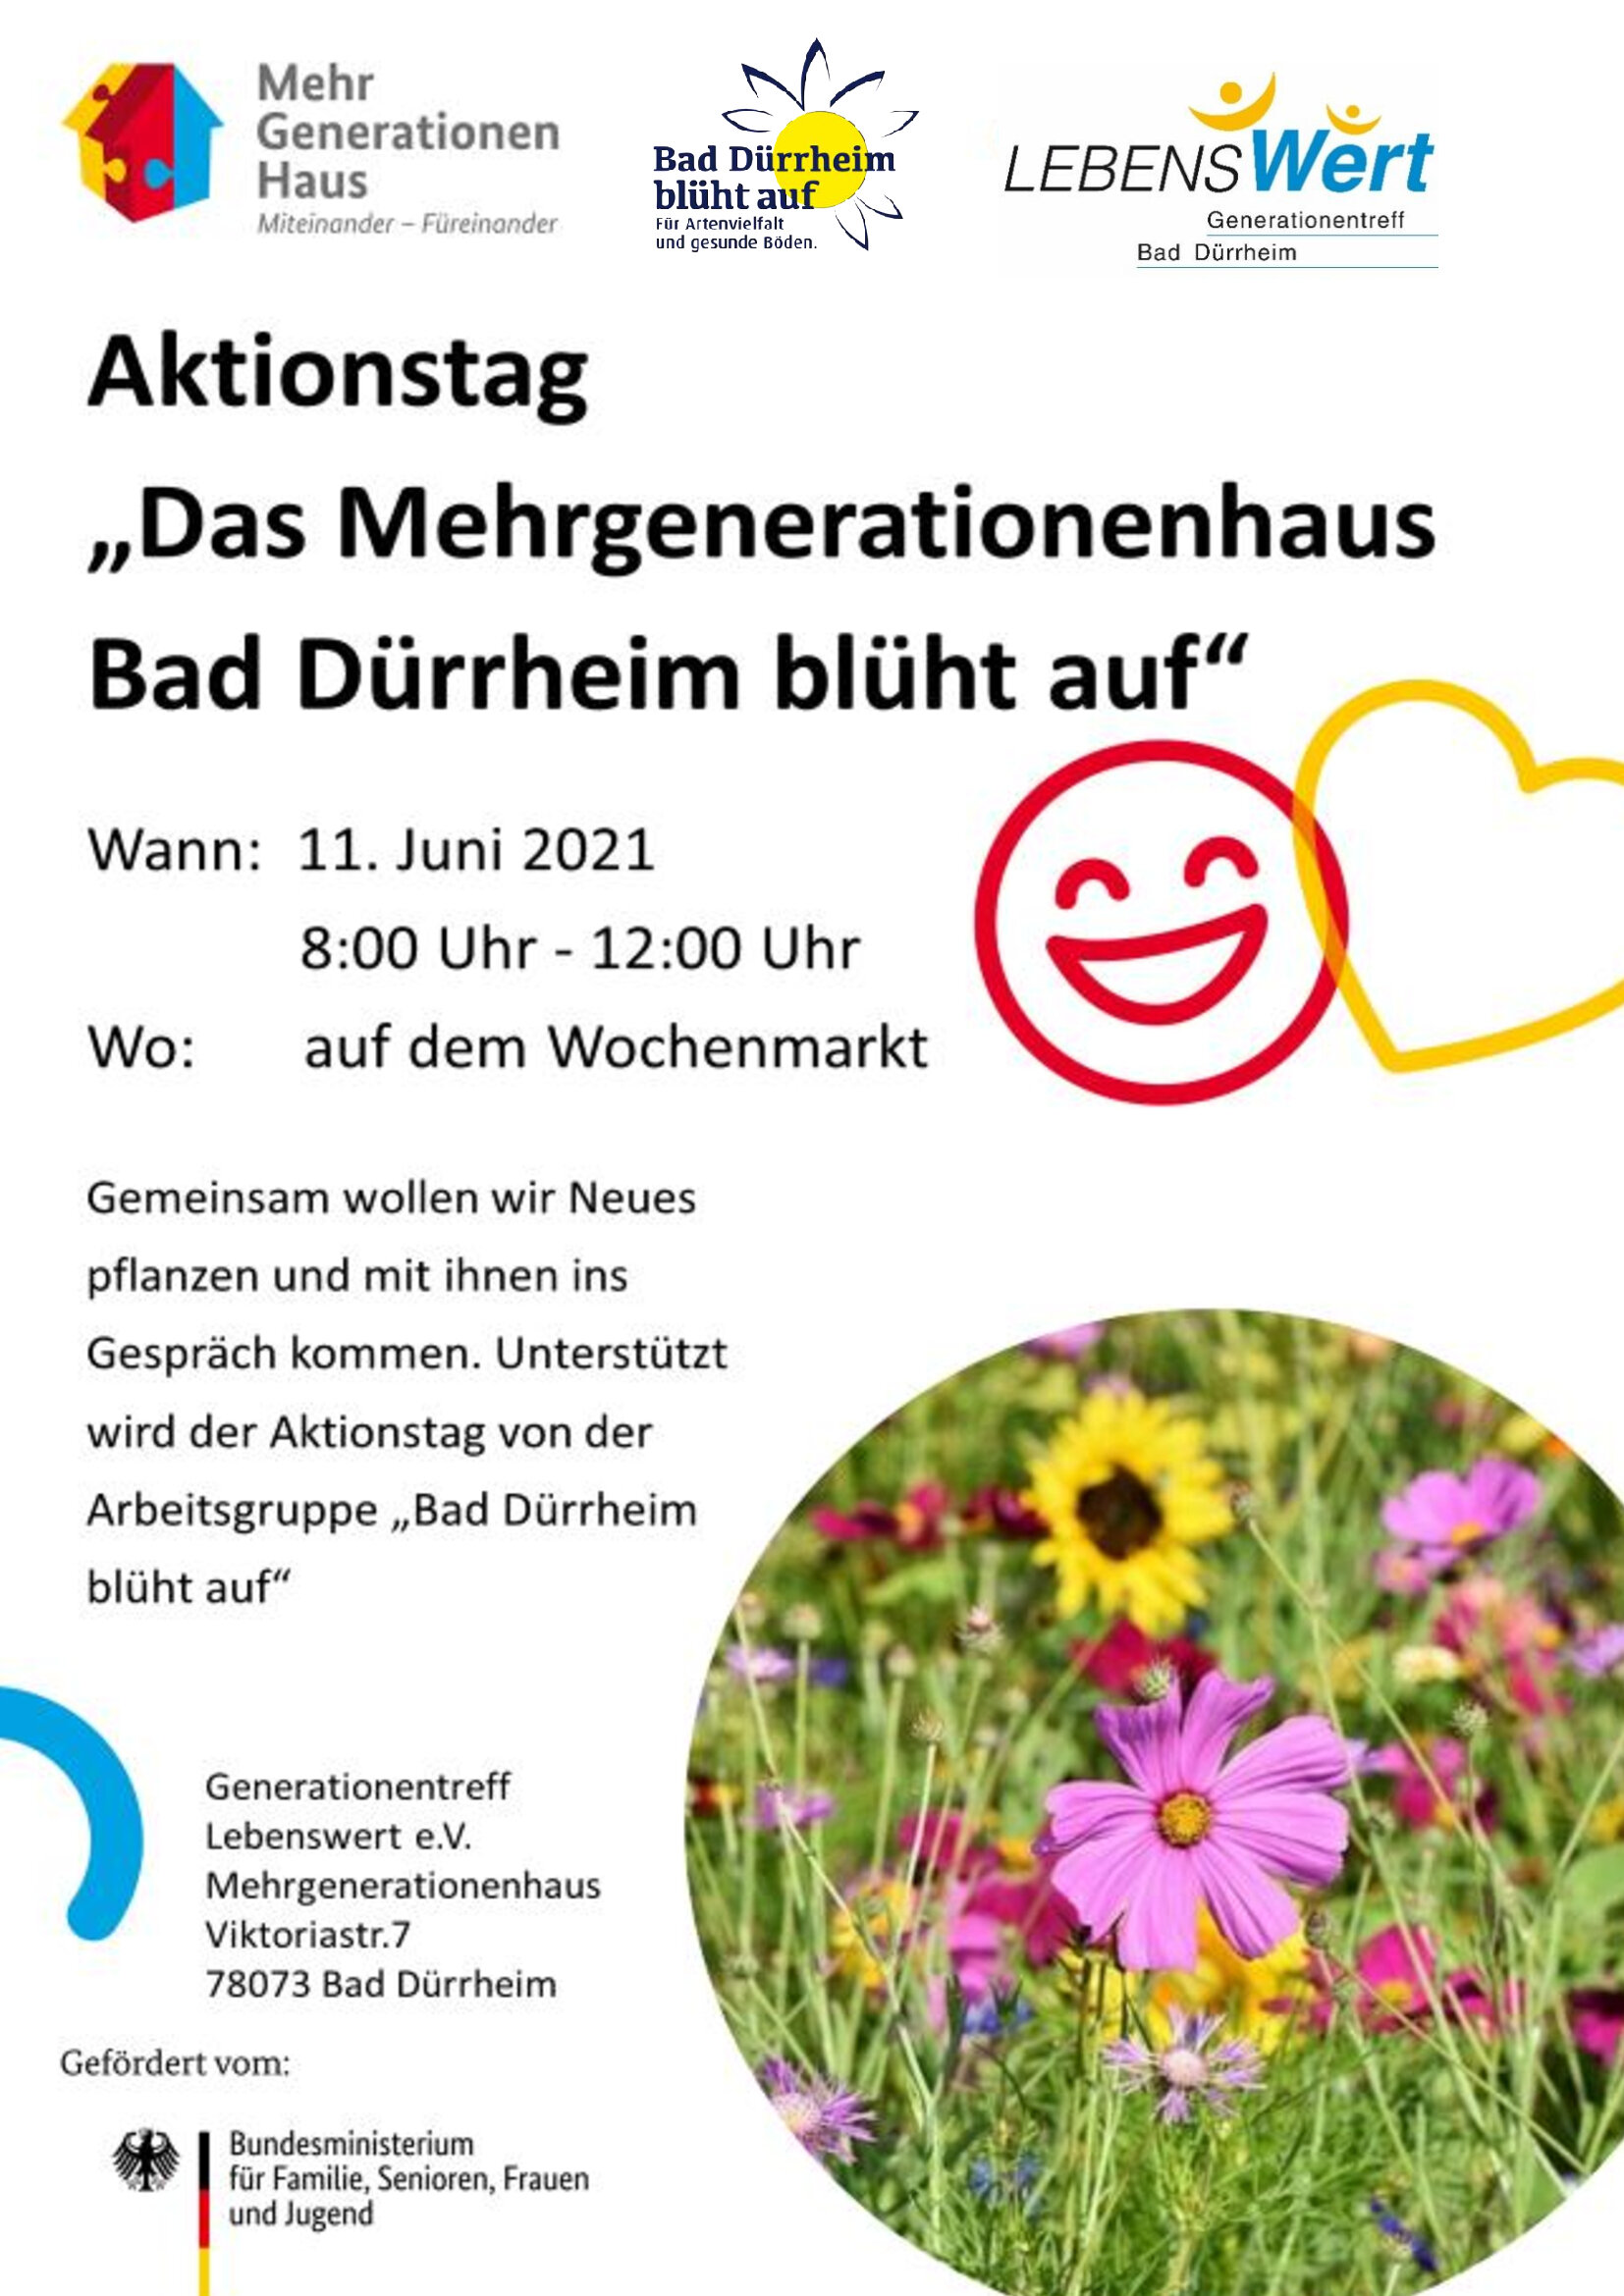 Bad Dürrheim blüht auf